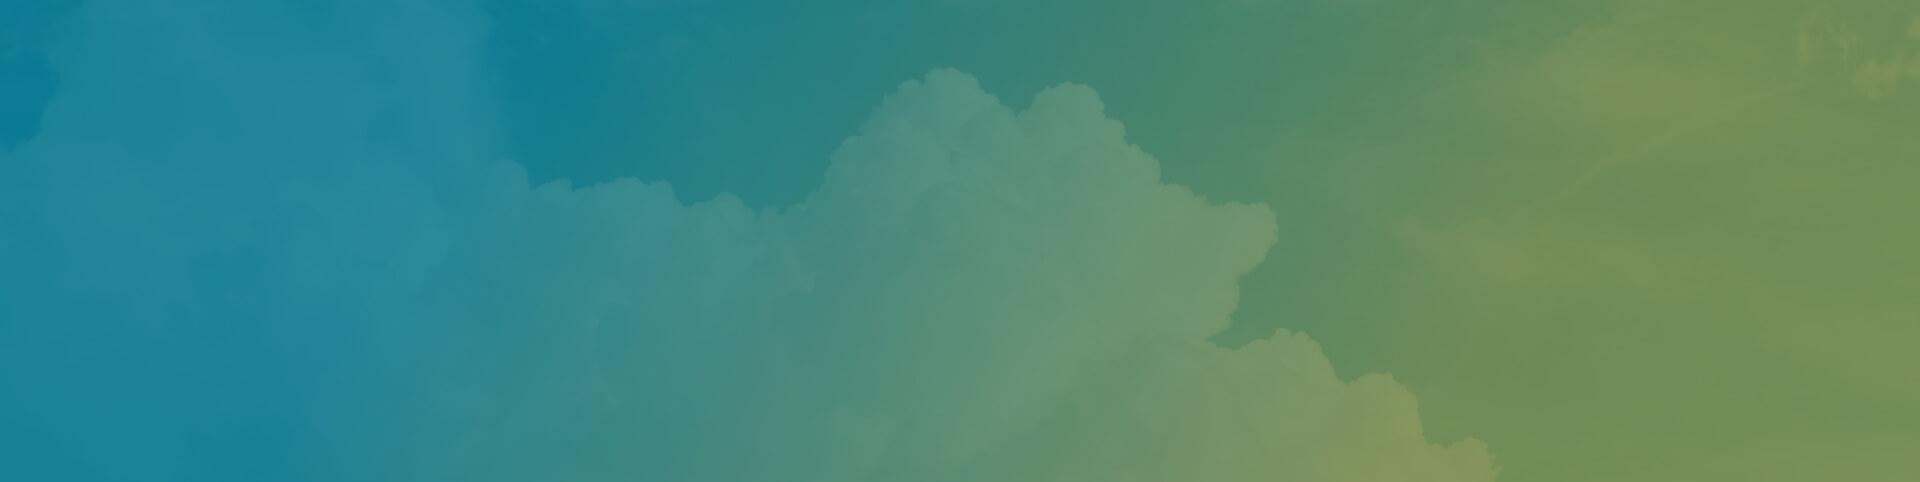 cta-background-image